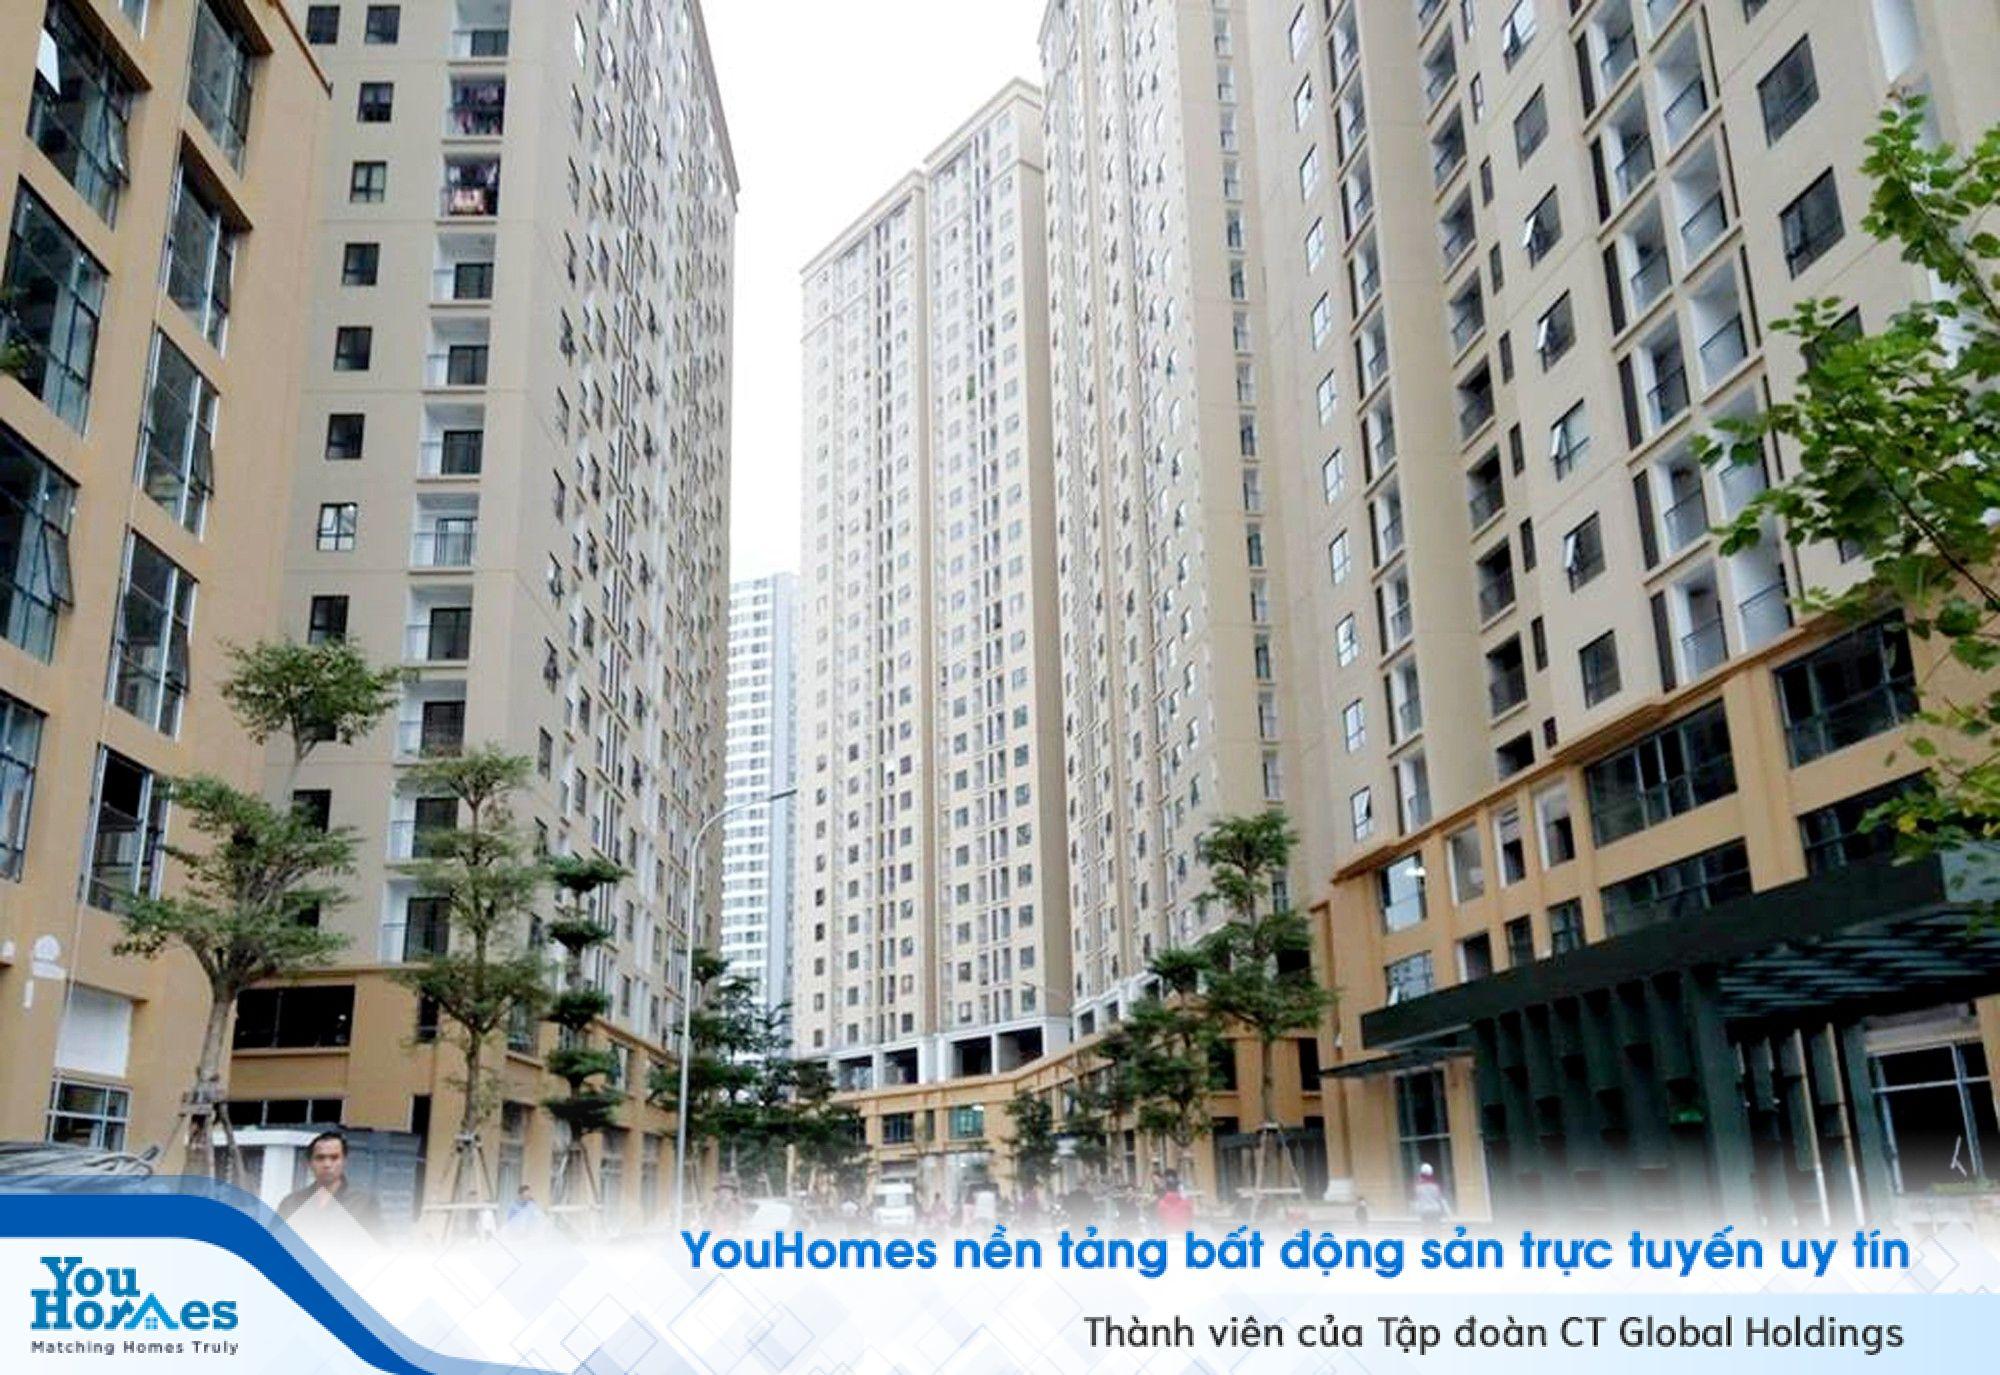 Hà Nội: Chất lượng chung cư xuống cấp trầm trọng